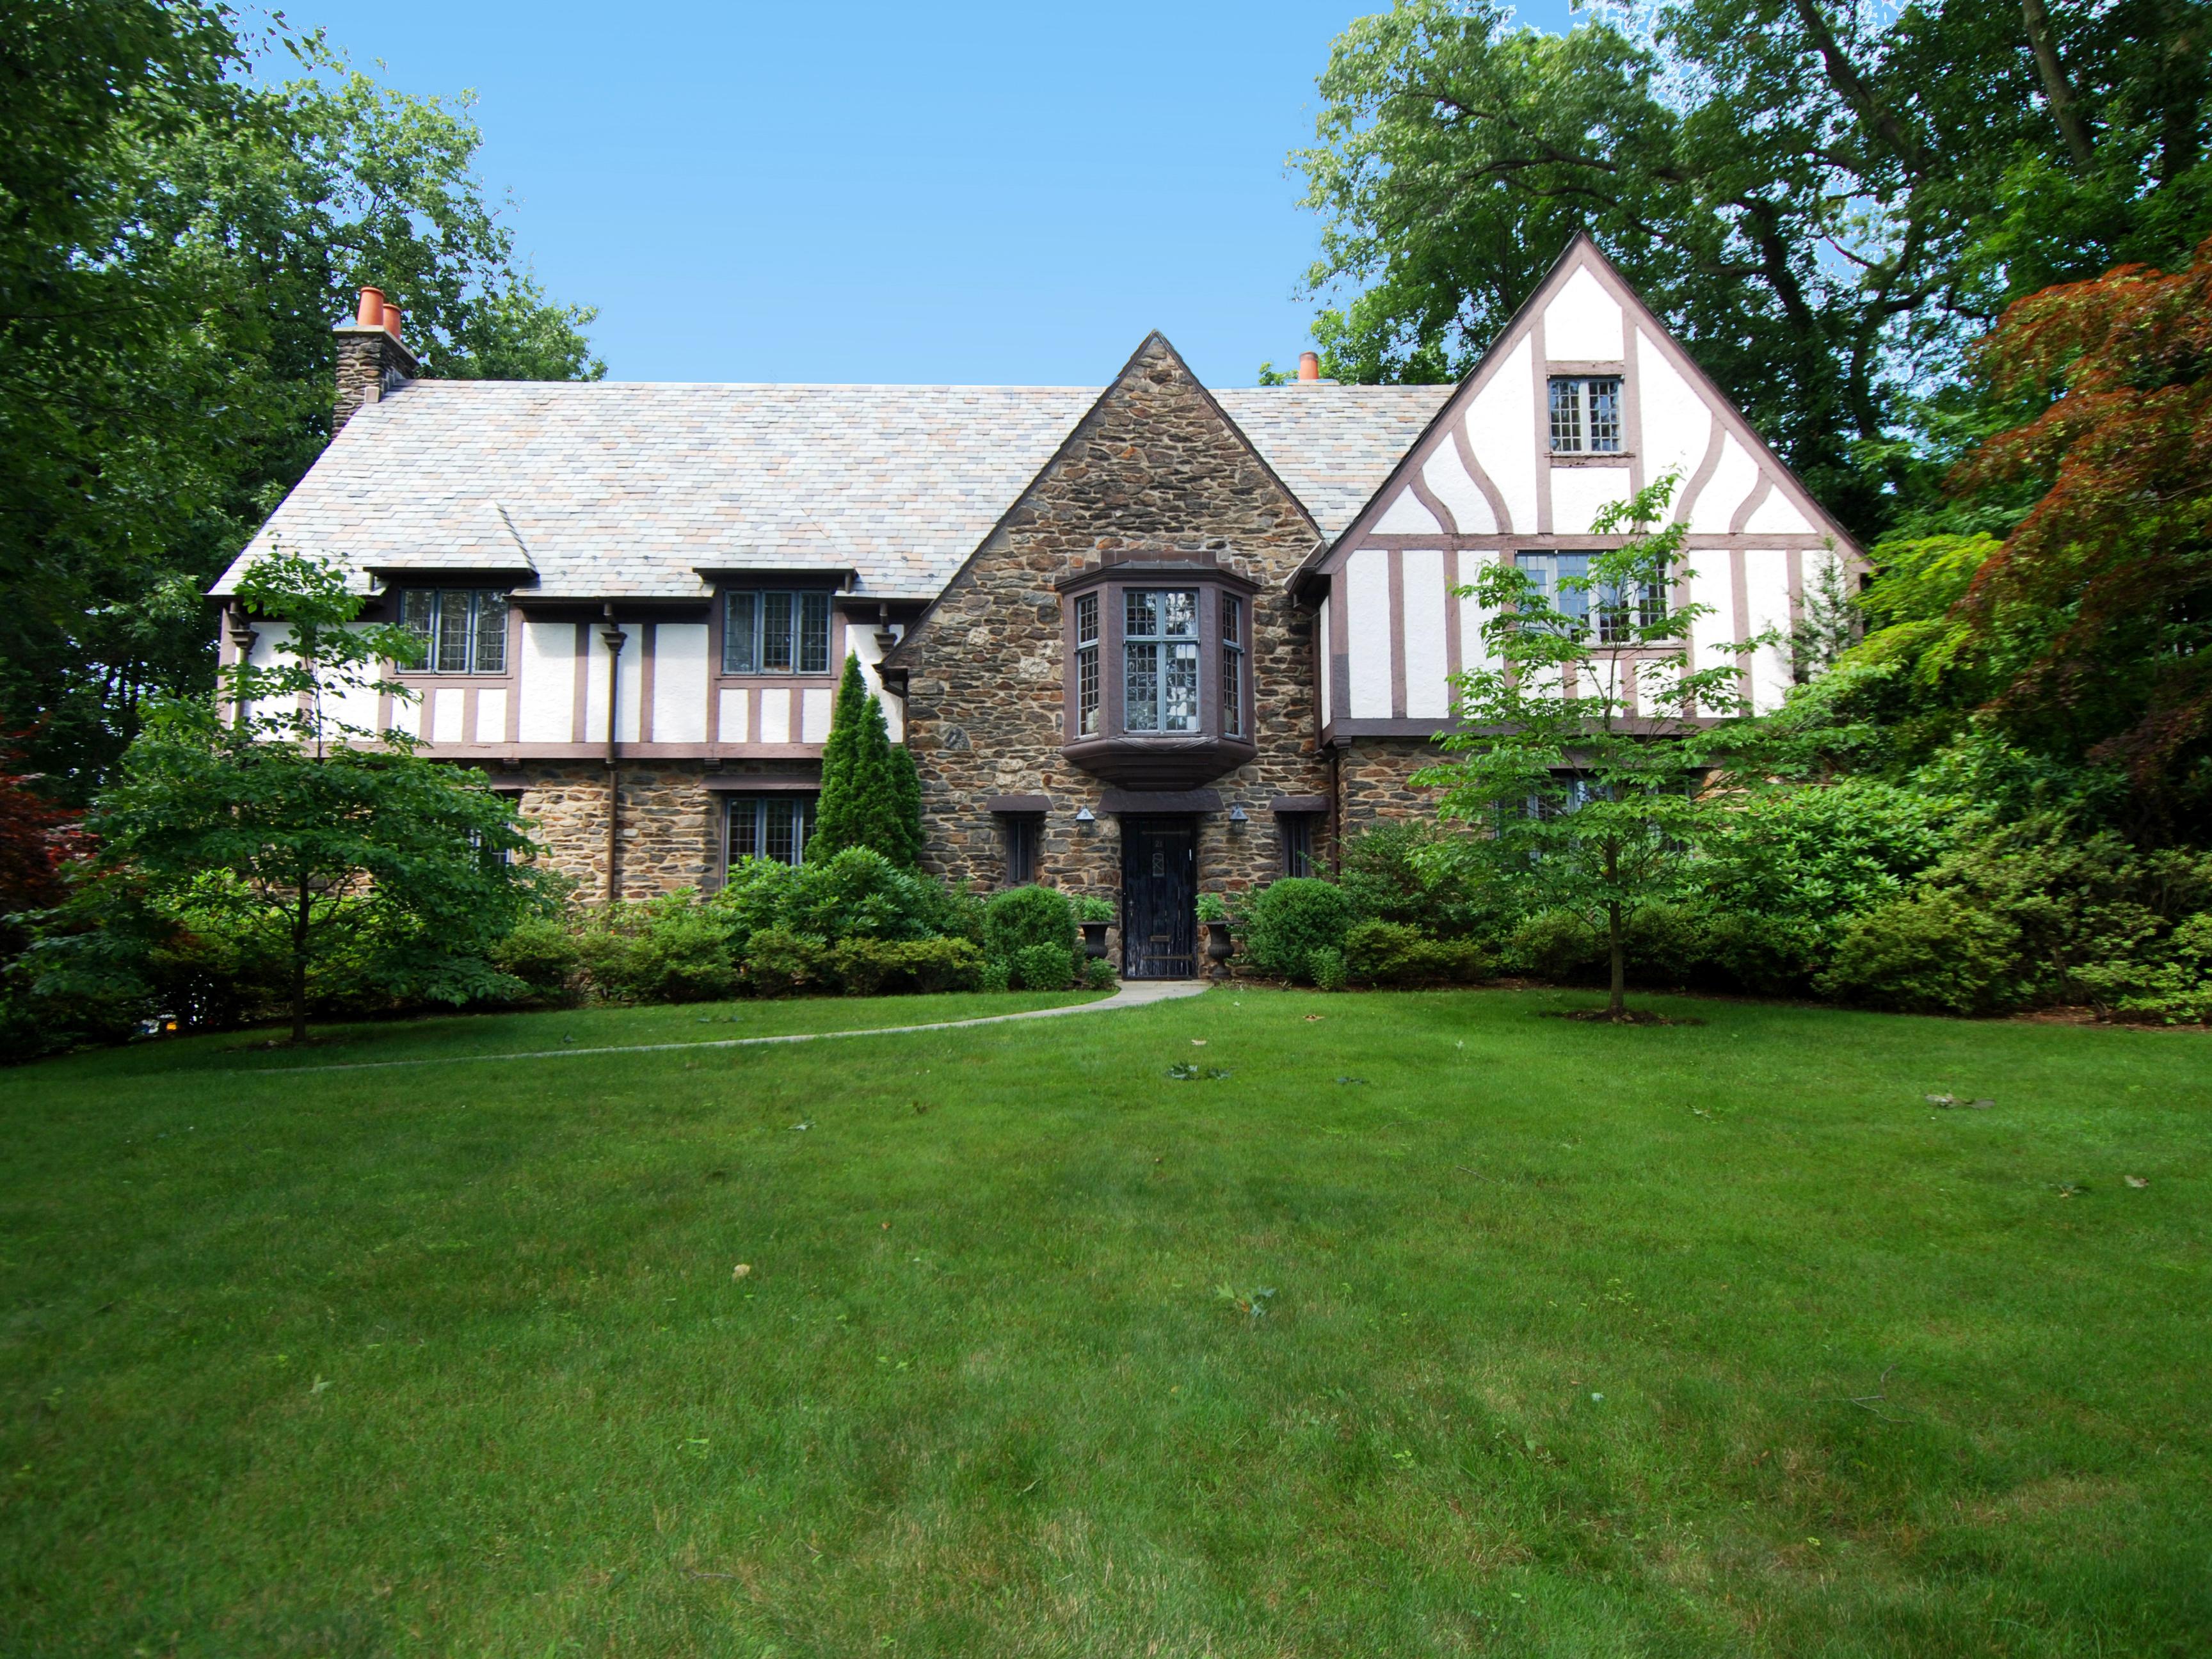 Villa per Vendita alle ore Grand English Tudor 21 Highland Way Scarsdale, New York 10583 Stati Uniti